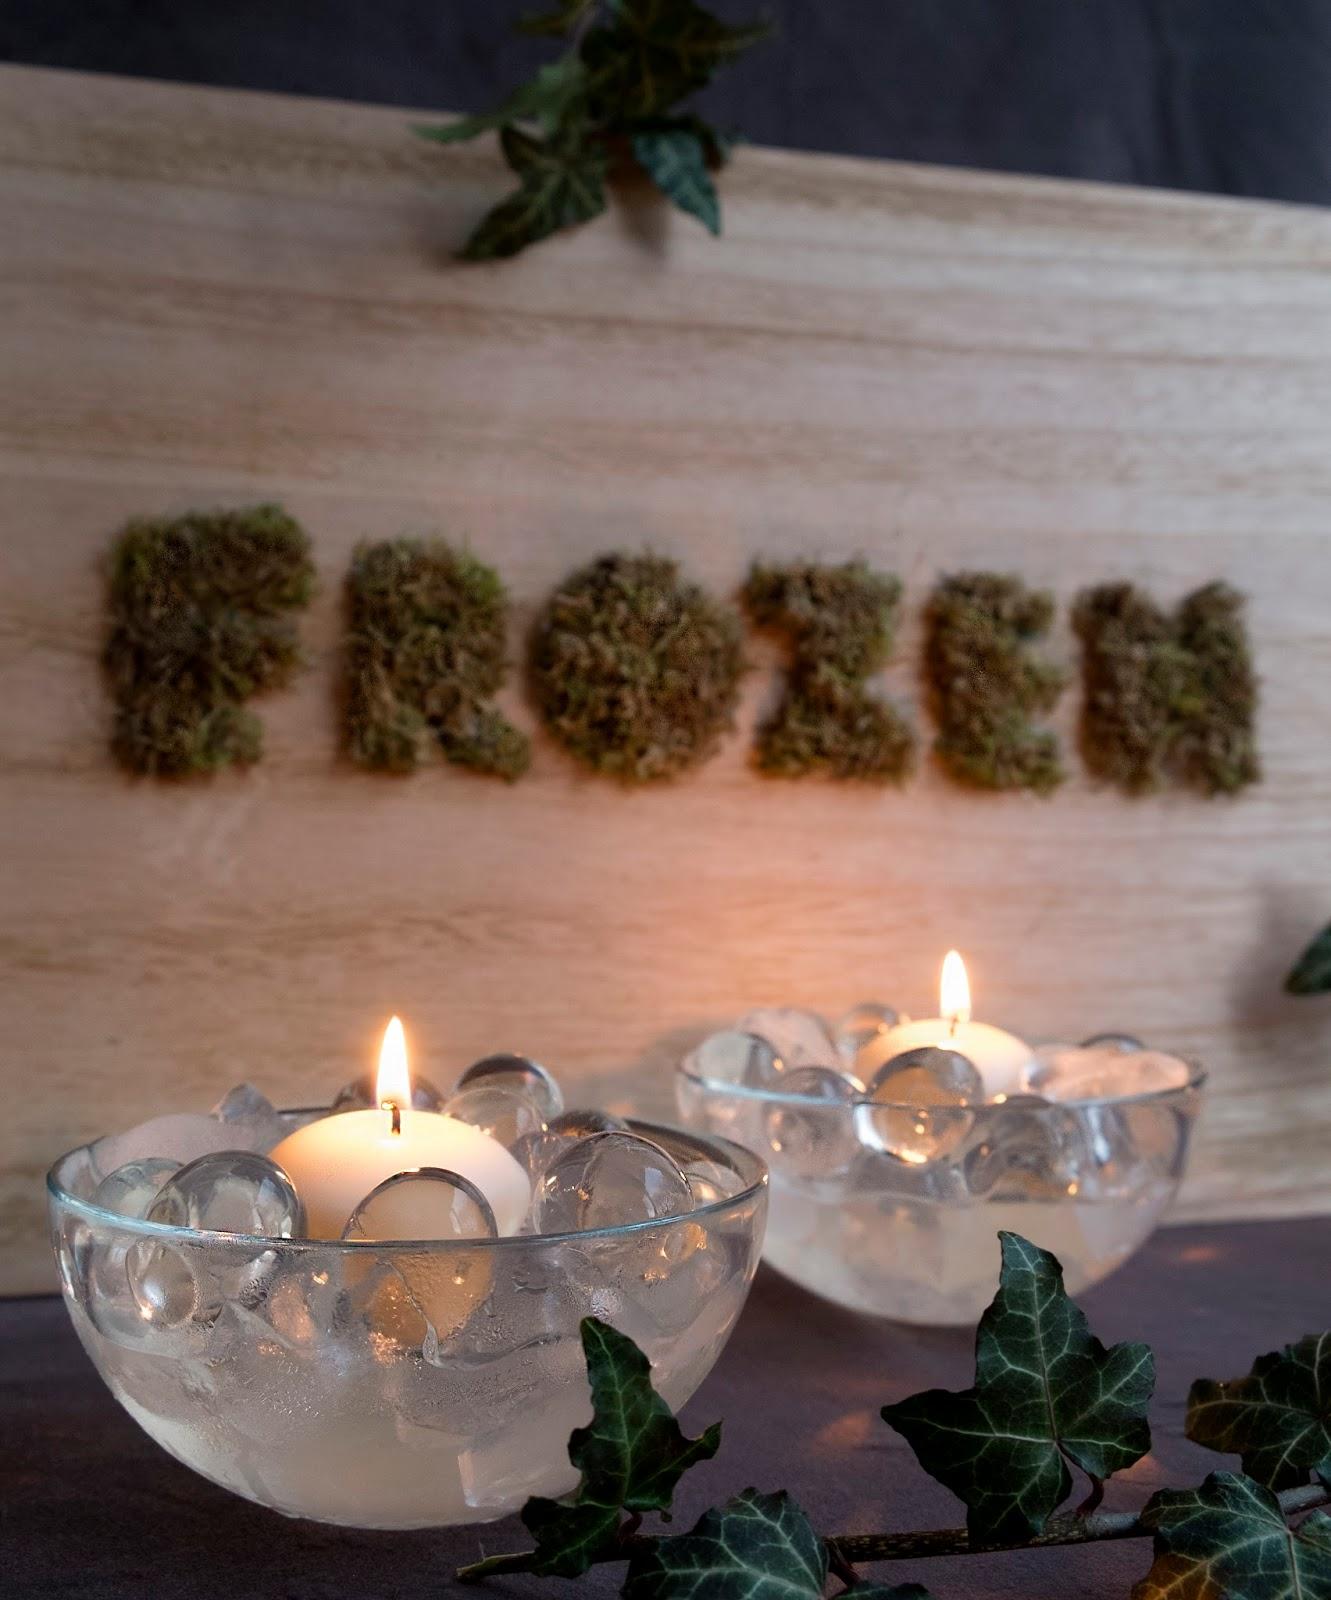 kaarsen met ijs als decoratie